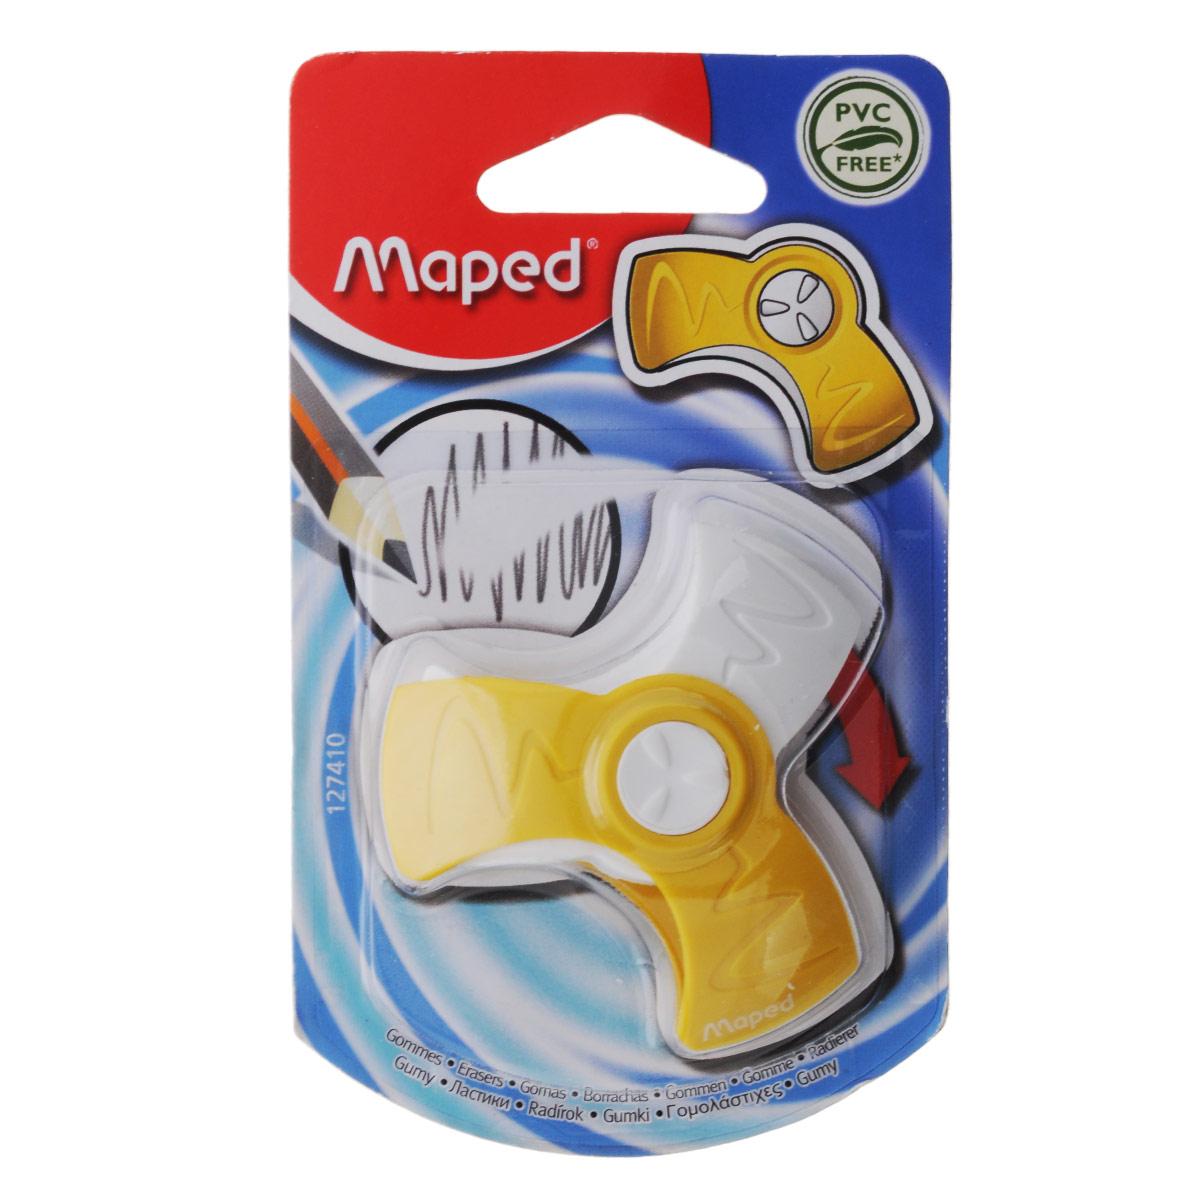 Ластик Maped Spin, цвет: желтыйFS-54103Оригинальный ластик Spin в поворотном защитном футляре из пластика легко удаляет следы чернографитных карандашей, а футляр защищает ластик от загрязнений и увеличивает его срок службы. Не содержит ПВХ.